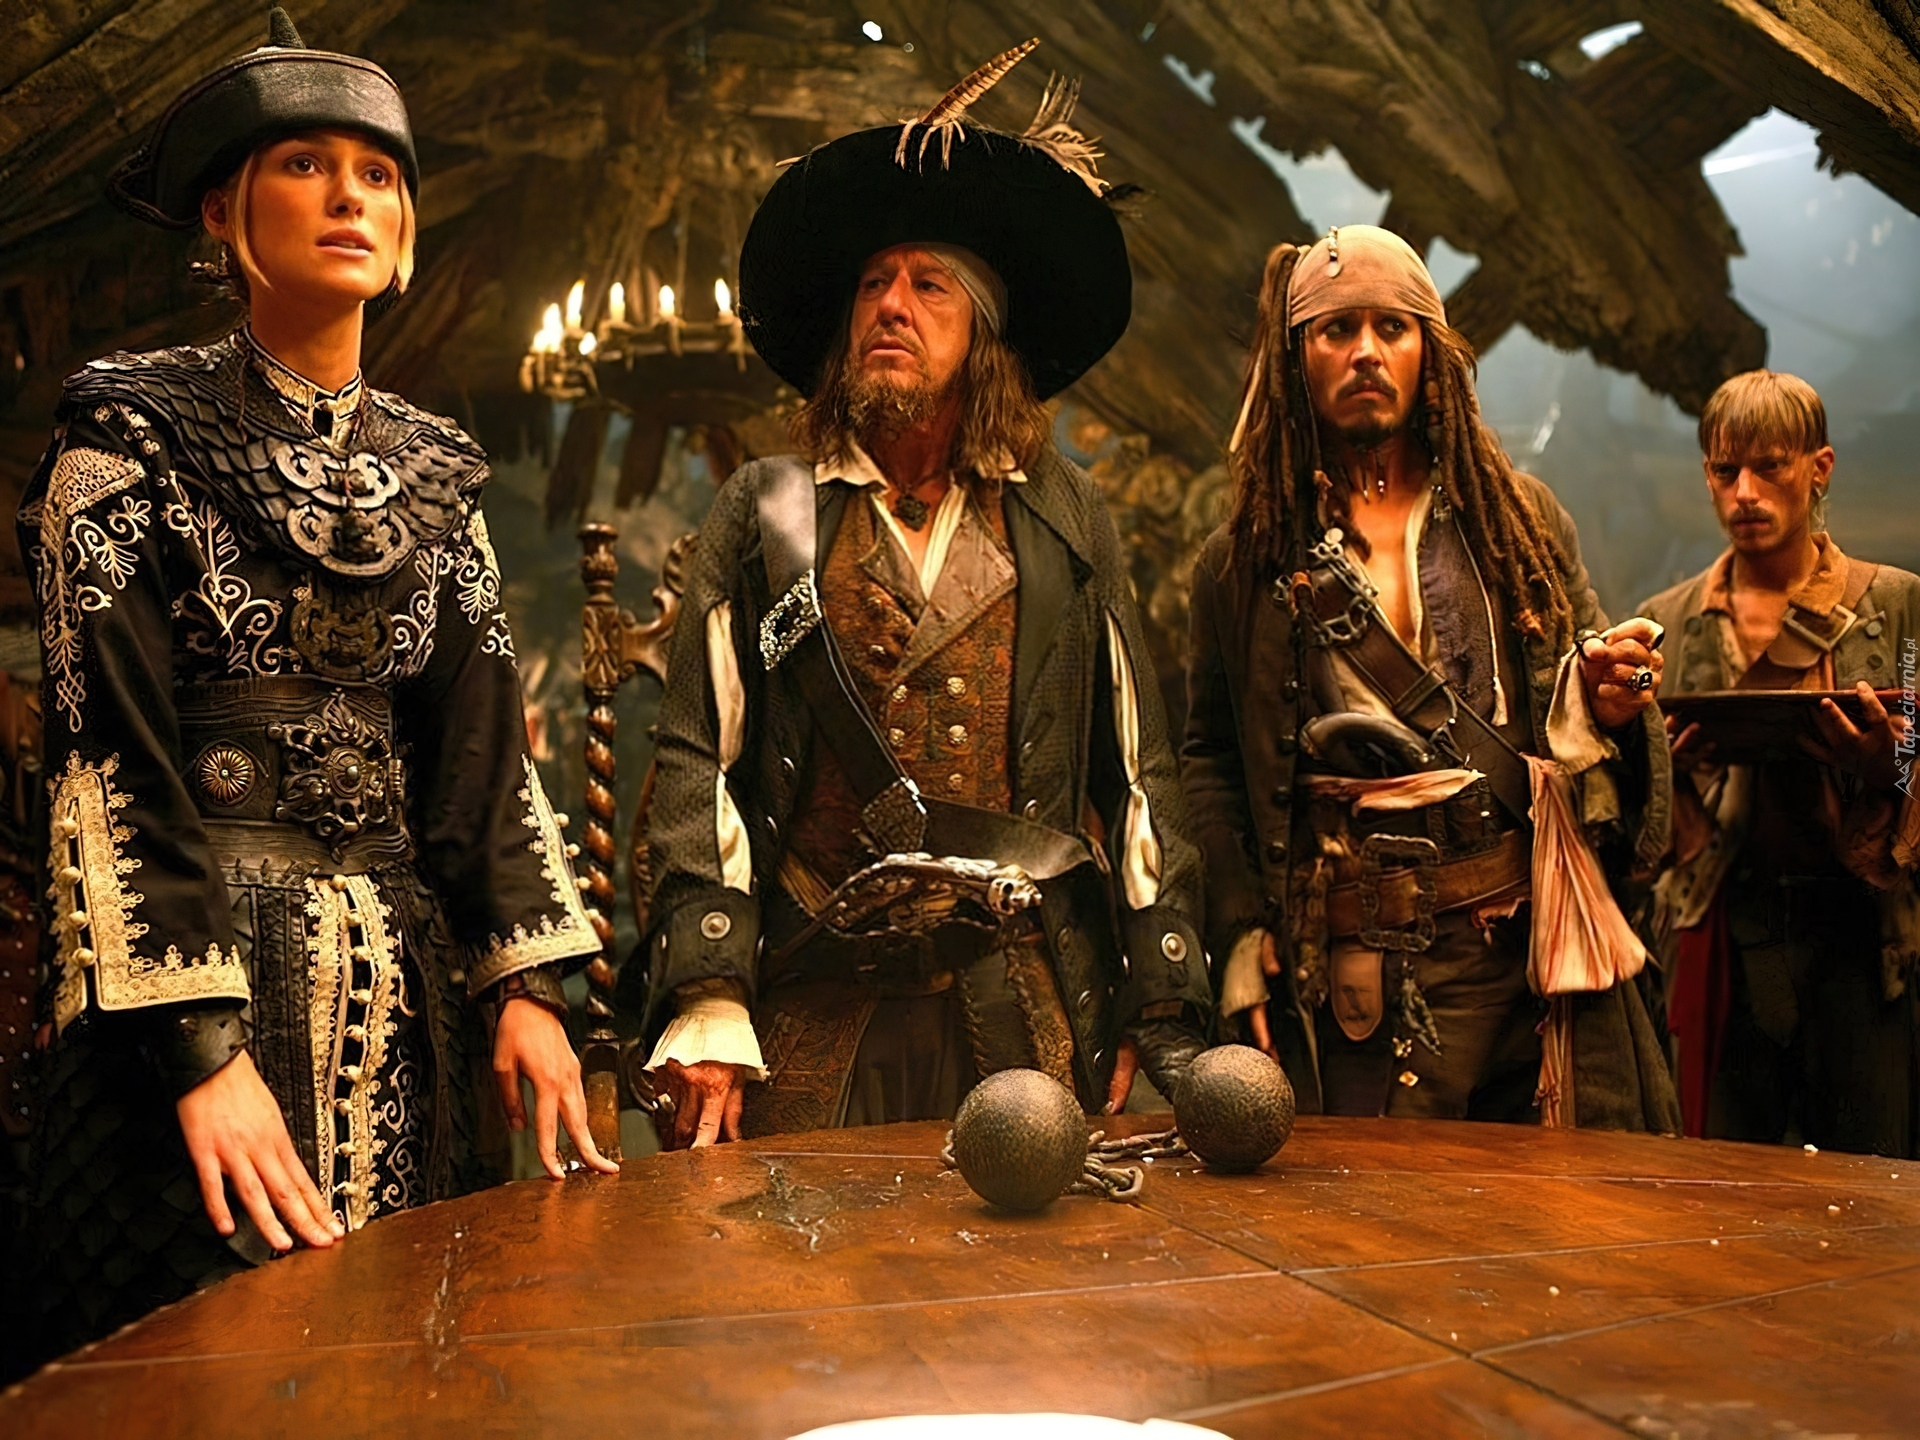 Film Piraci Z Karaib W